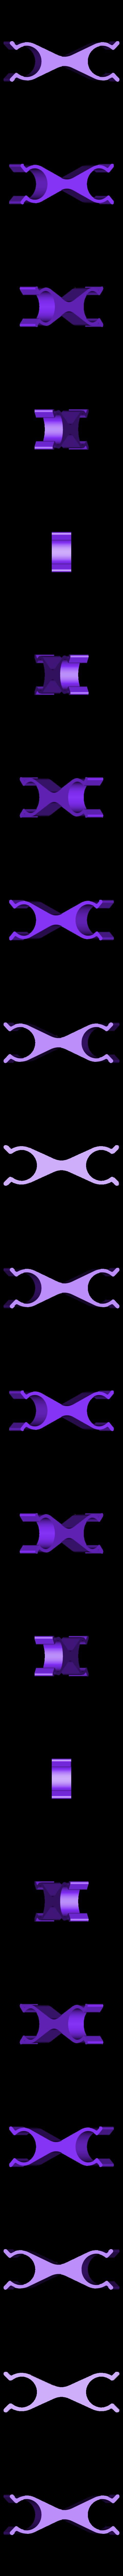 Clipse porte velo N1.stl Download free STL file Parts Bike carrier for motorhomes • 3D printer model, Ldom21